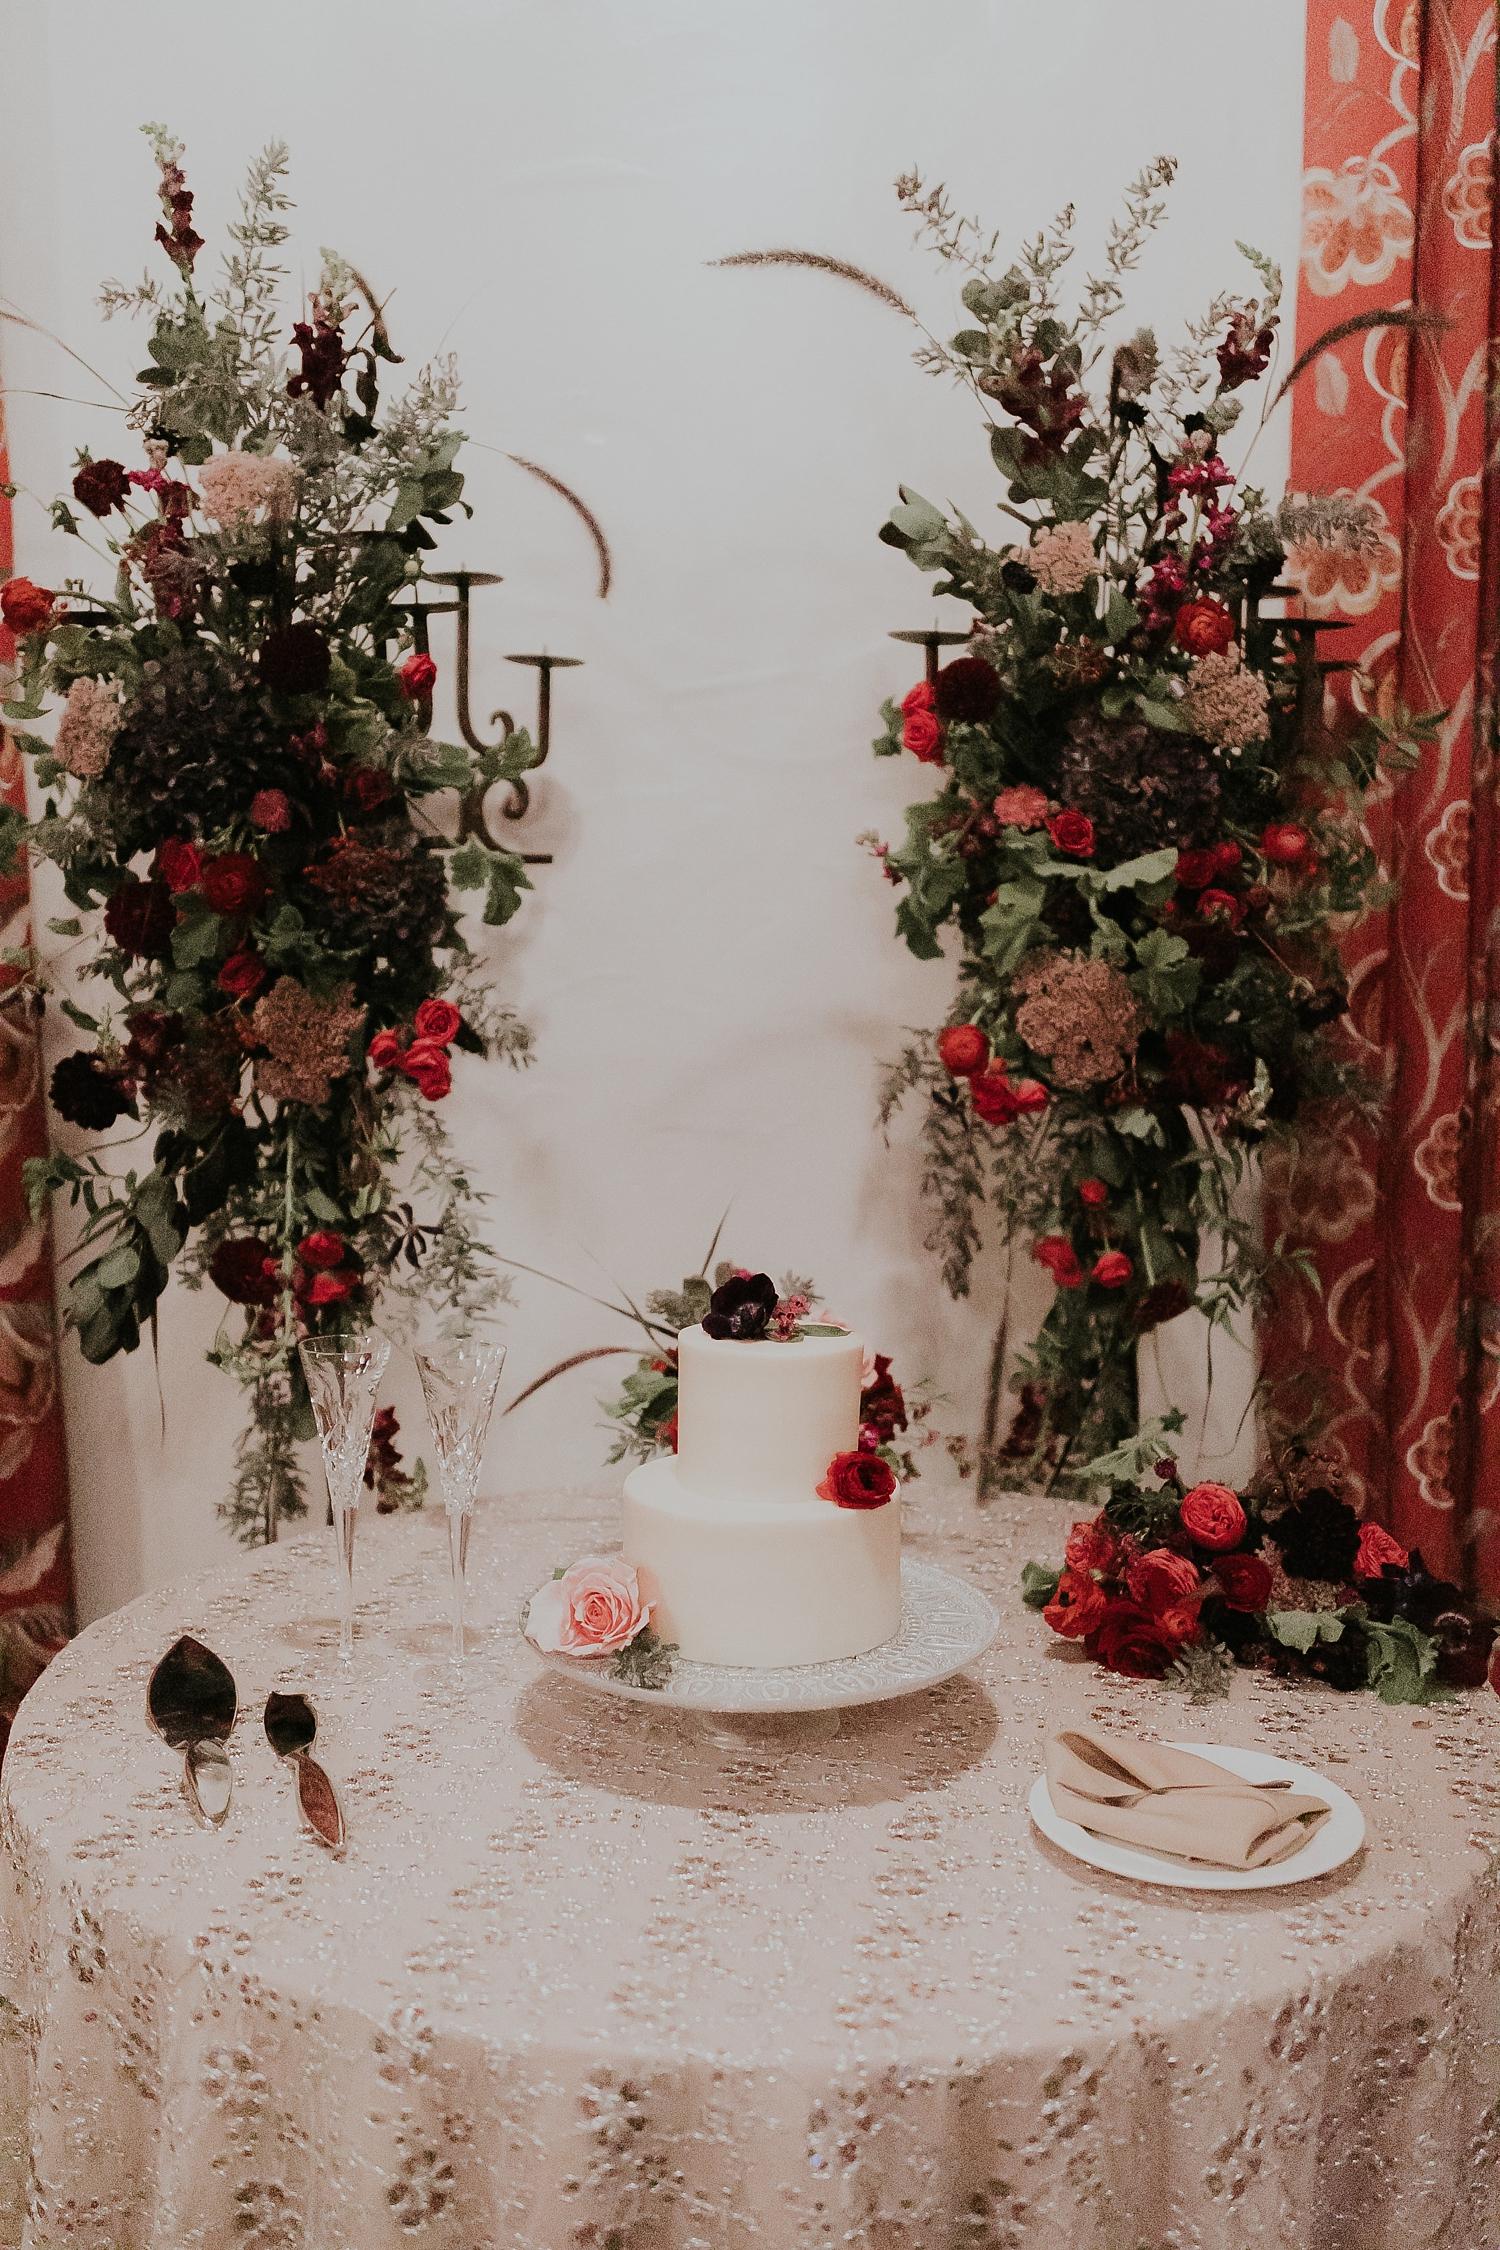 Alicia+lucia+photography+-+albuquerque+wedding+photographer+-+santa+fe+wedding+photography+-+new+mexico+wedding+photographer+-+la+fonda+wedding+-+la+fonda+fall+wedding+-+intimate+la+fonda+wedding_0048.jpg